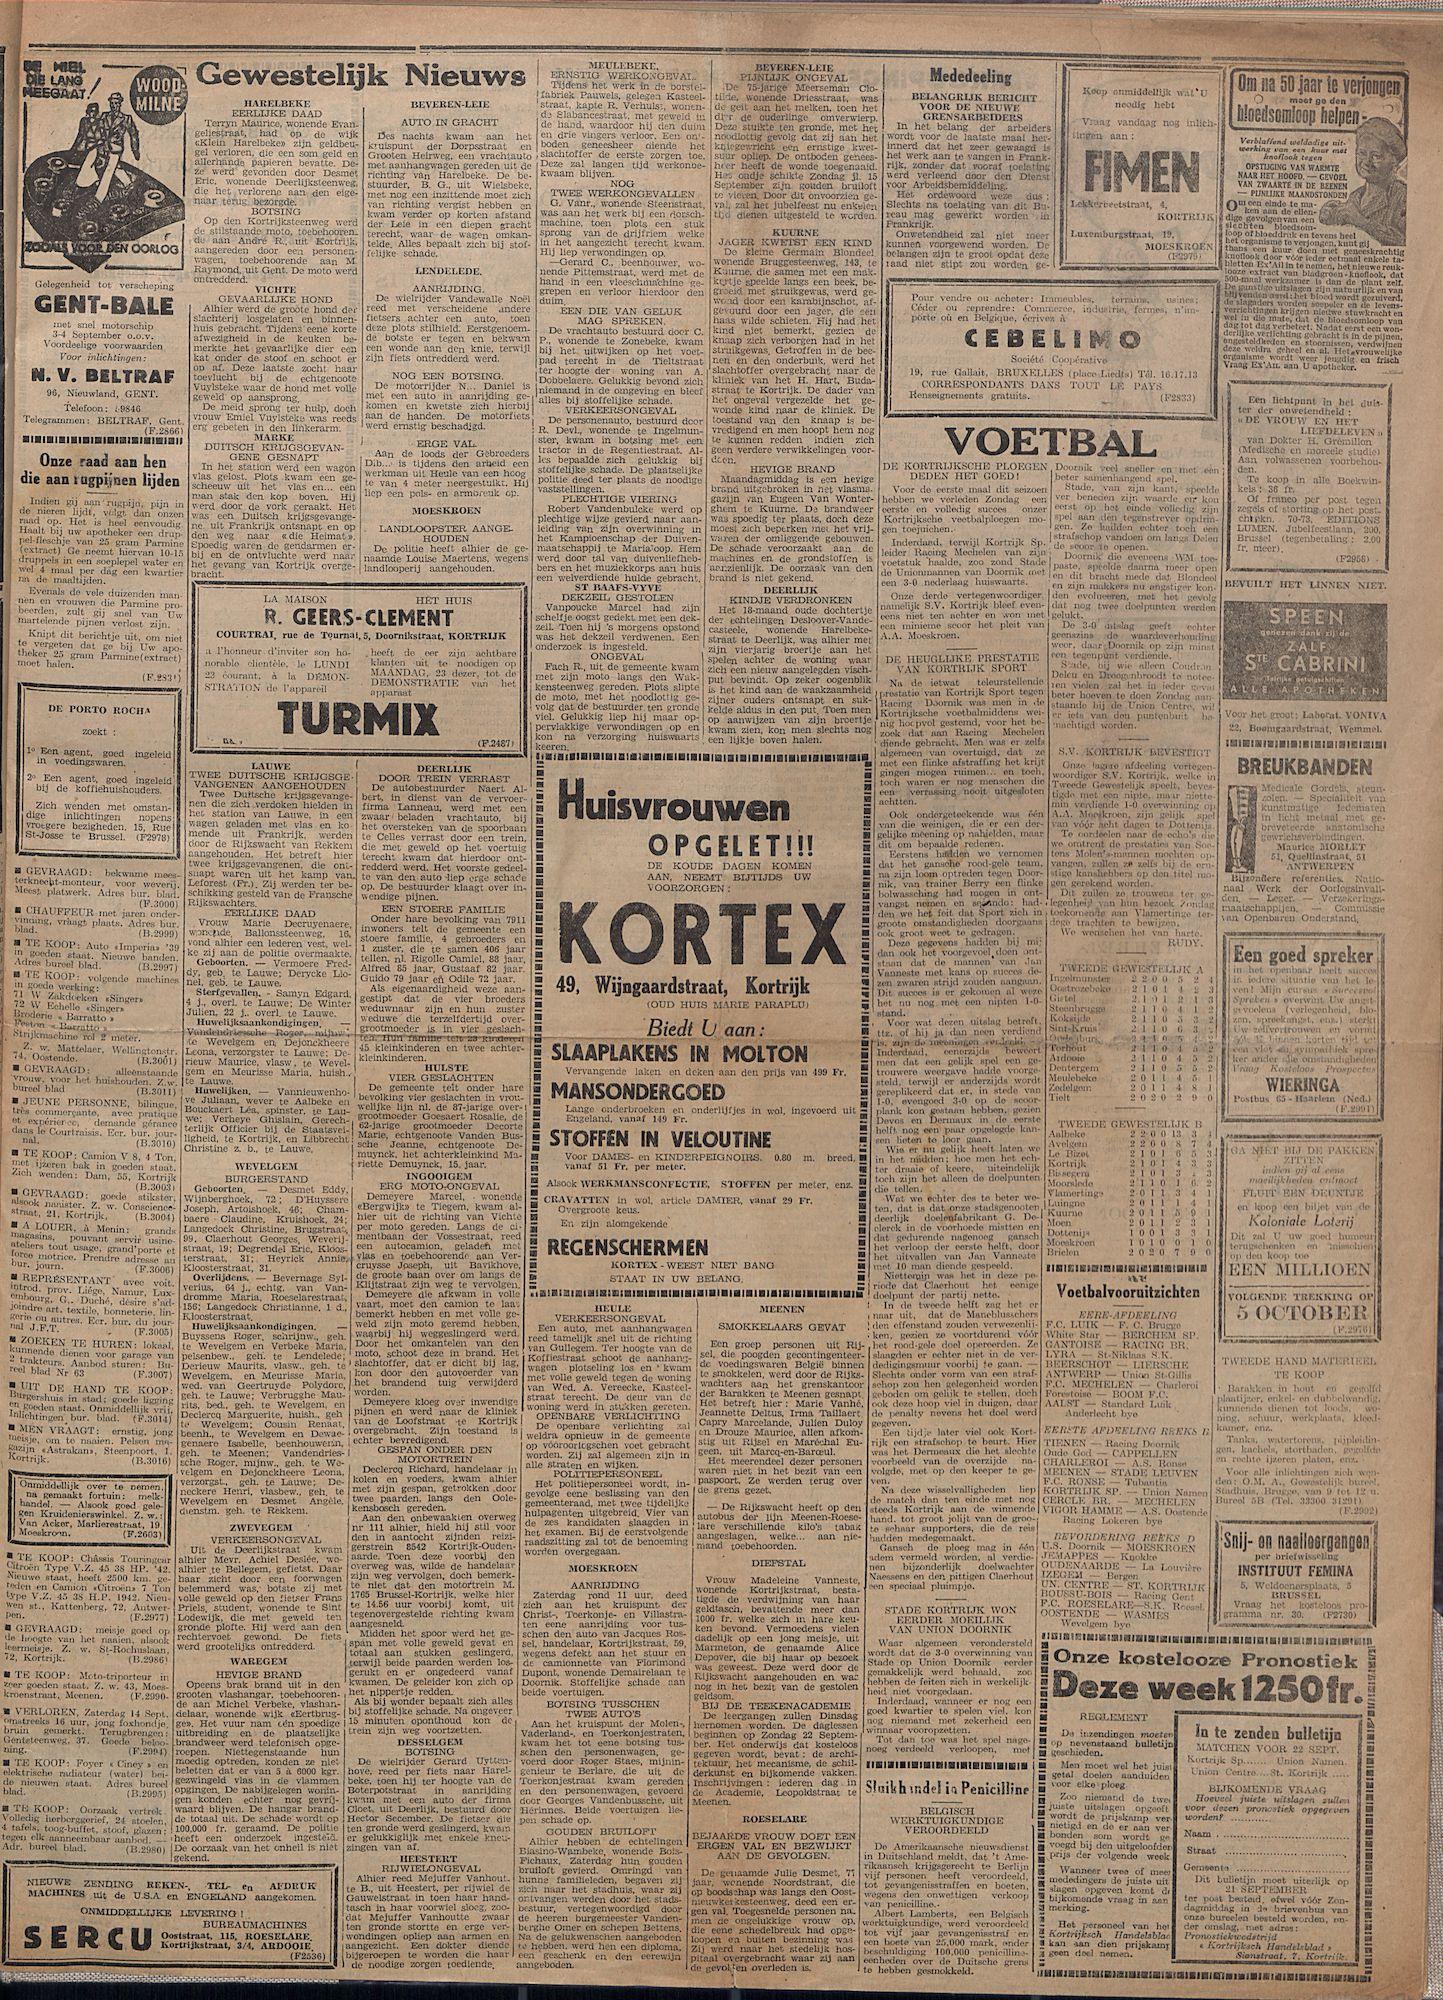 Kortrijksch Handelsblad 20 september 1946 Nr76 p3